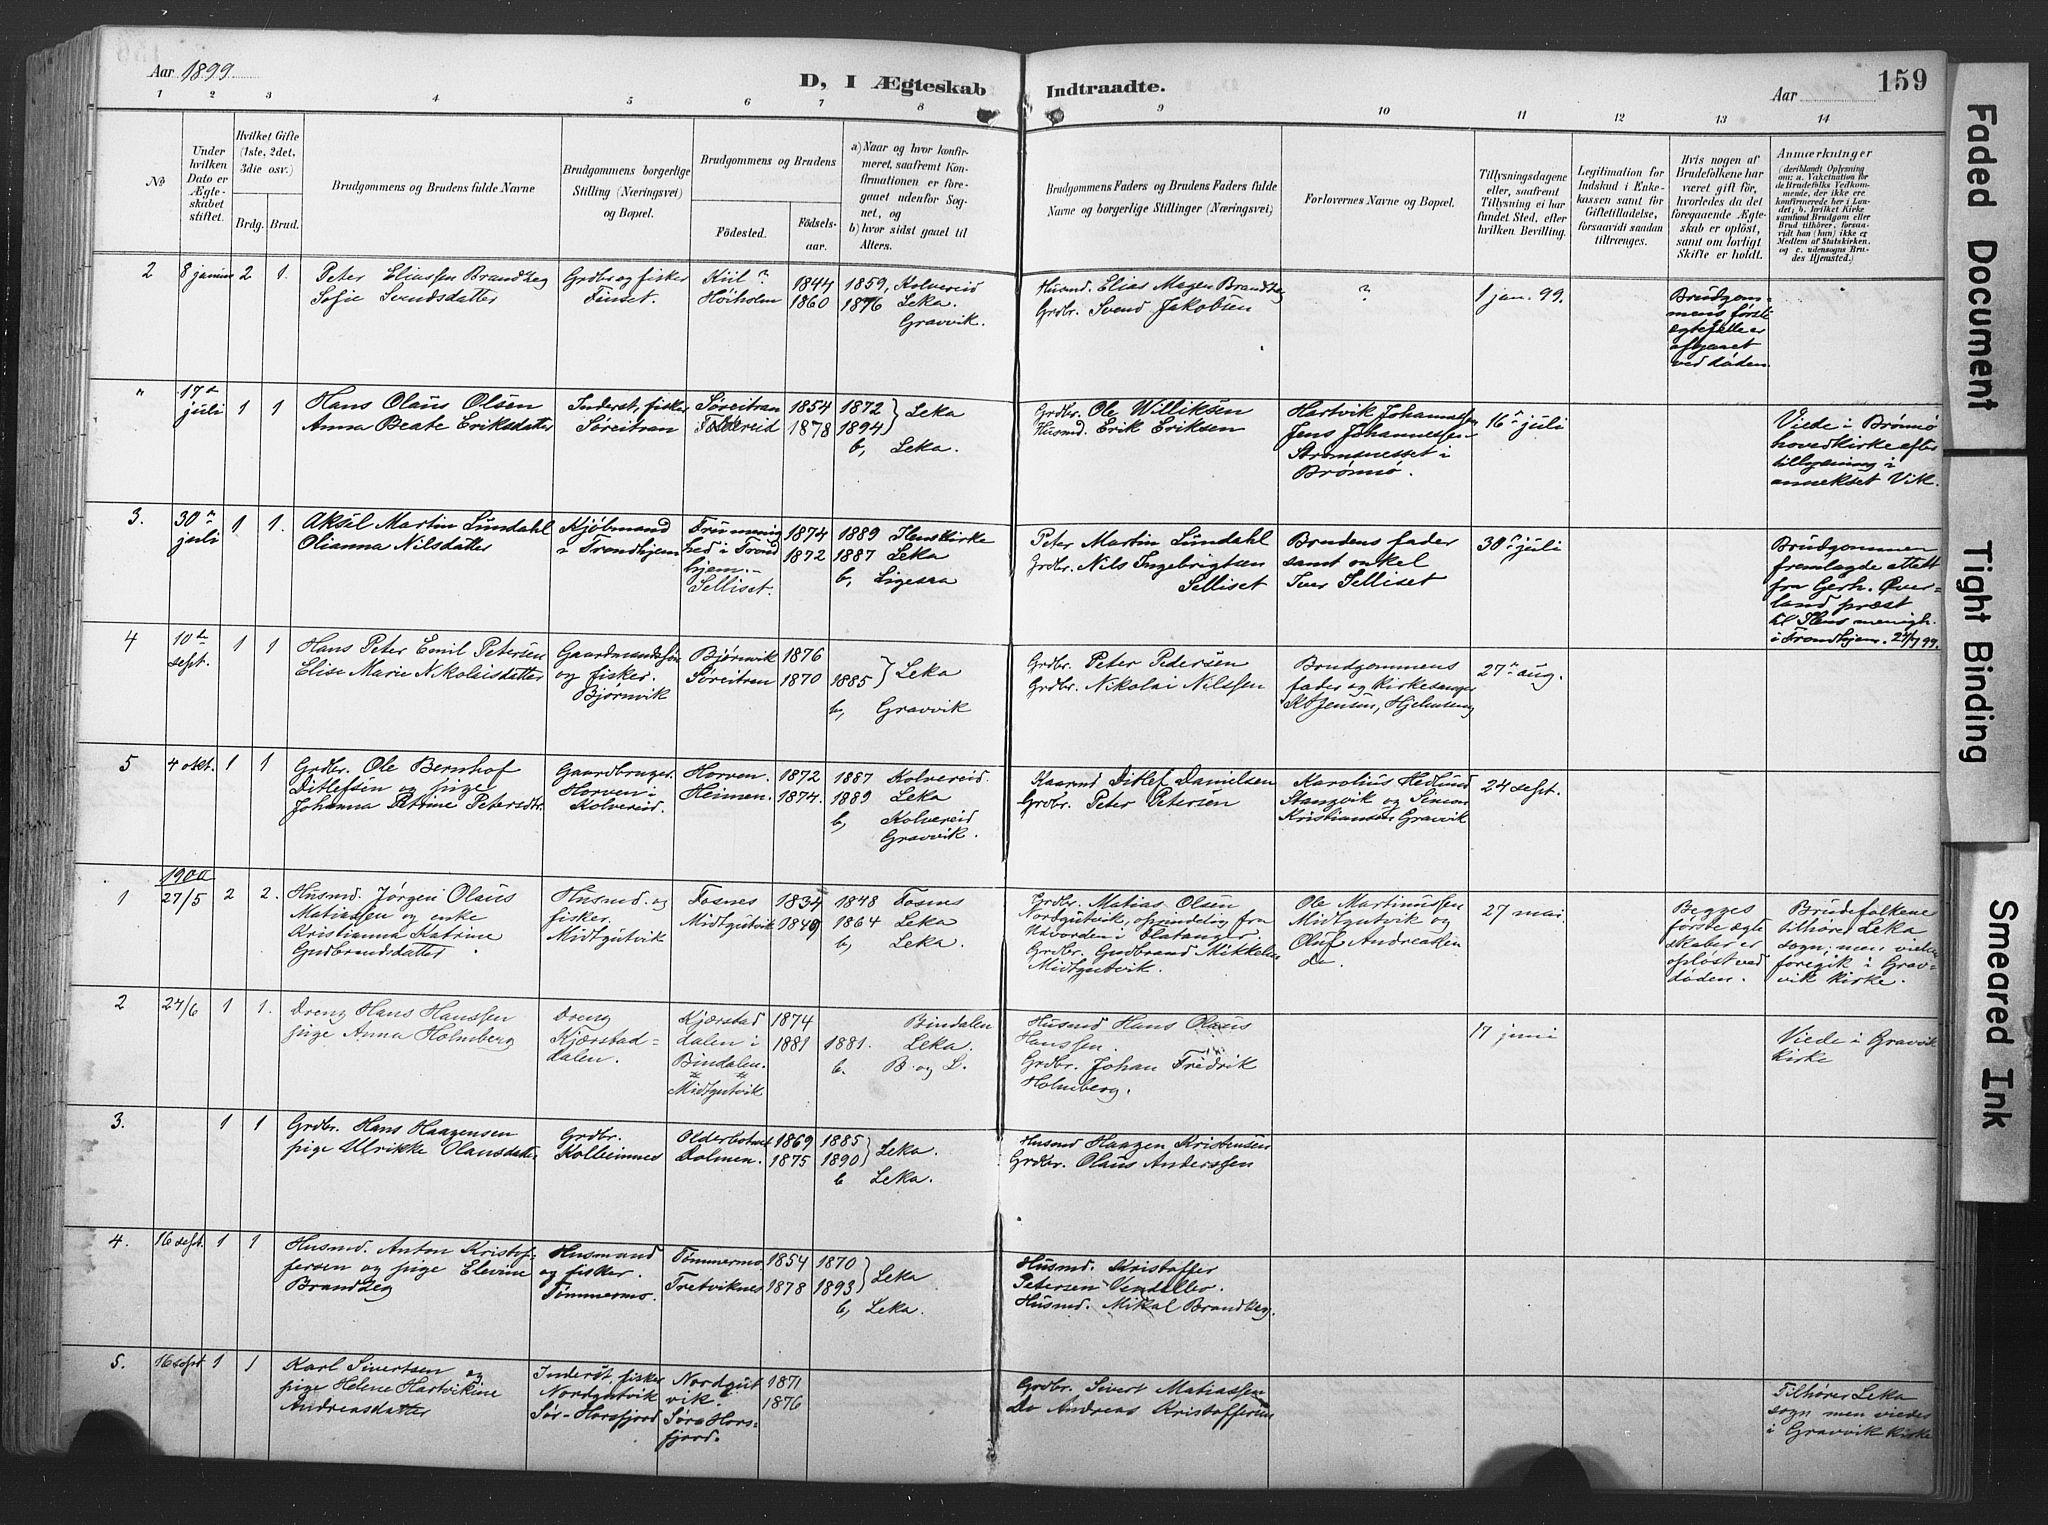 SAT, Ministerialprotokoller, klokkerbøker og fødselsregistre - Nord-Trøndelag, 789/L0706: Klokkerbok nr. 789C01, 1888-1931, s. 159